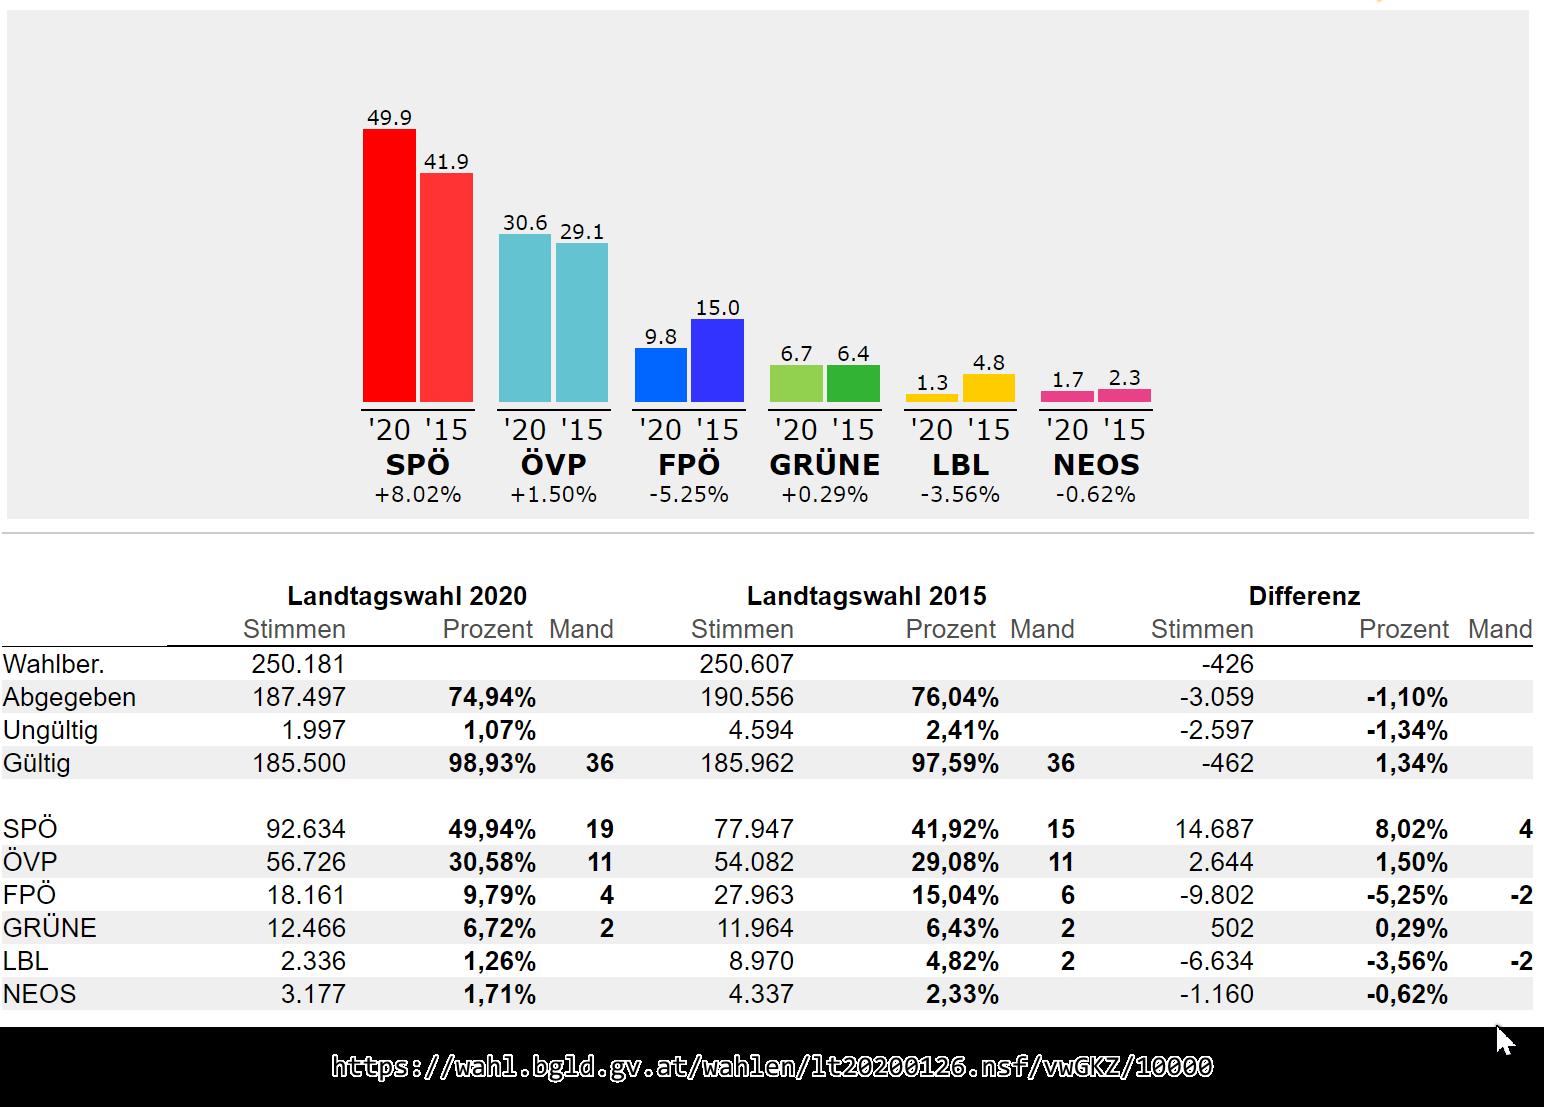 2020_Landtagswahl_Burgenland.png#asset:2728